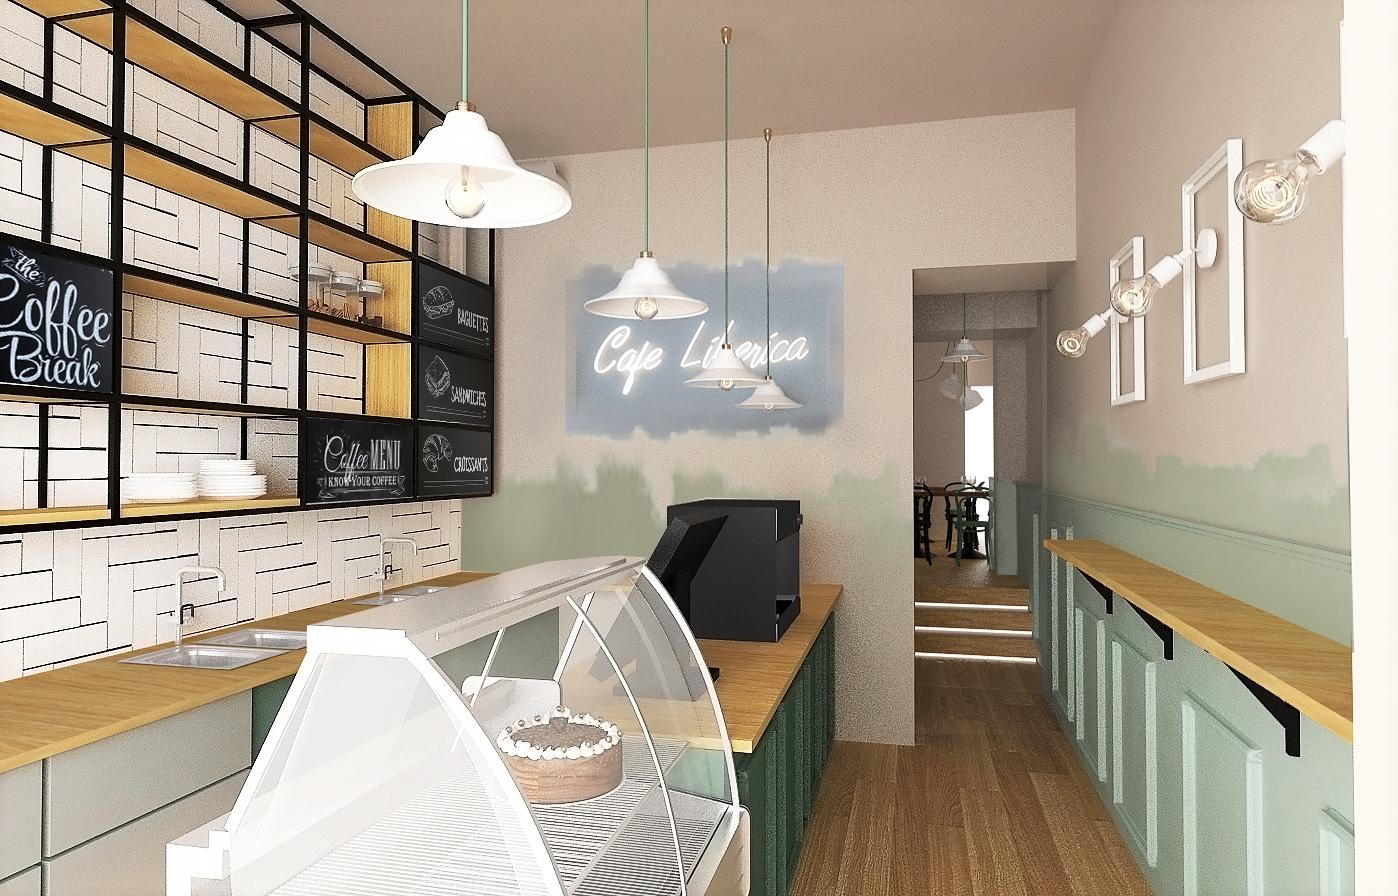 Café Liberica